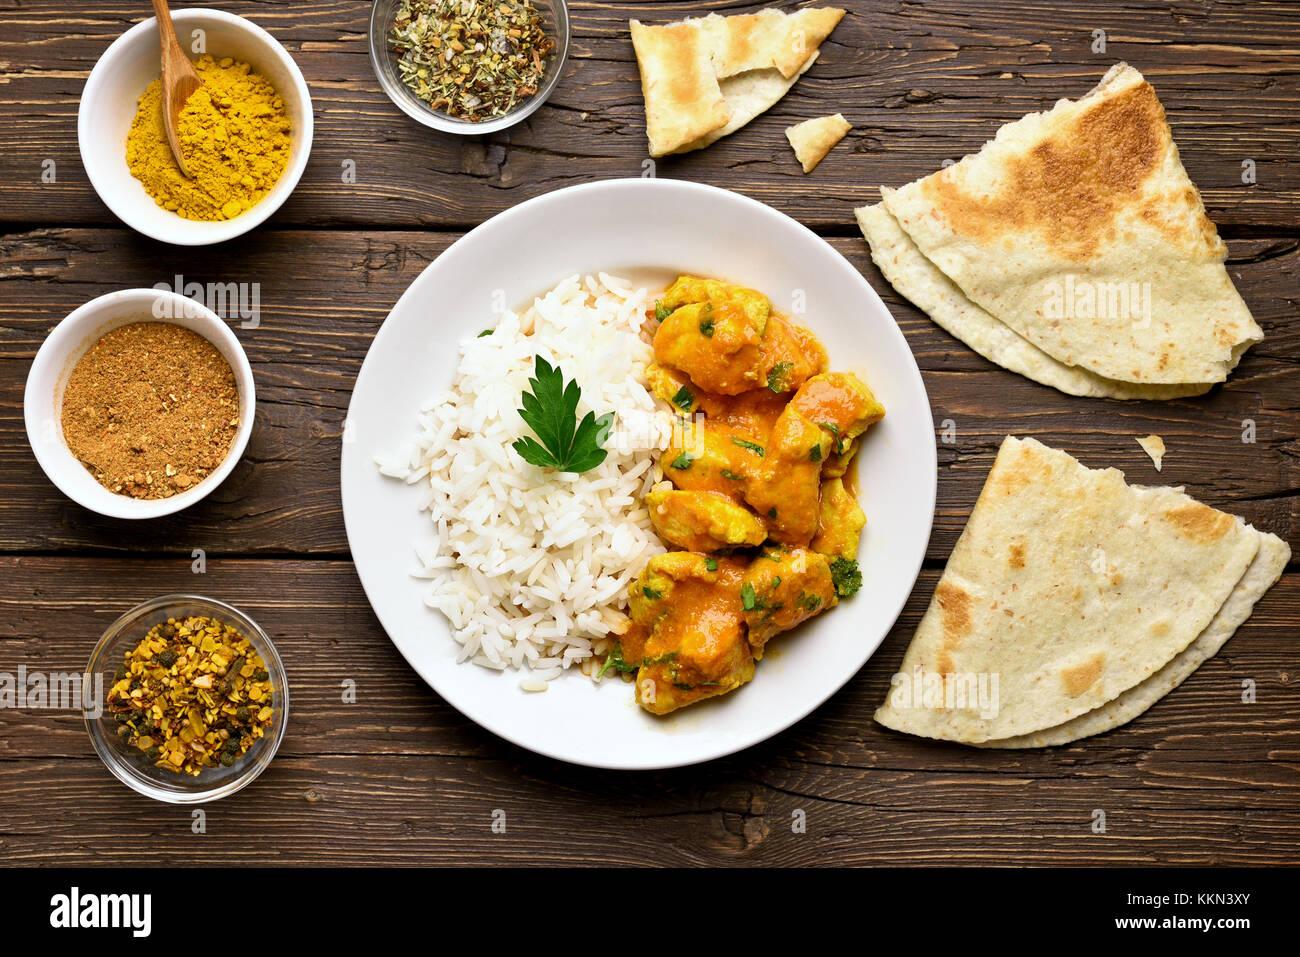 Delicioso pollo al curry con arroz sobre fondo de madera. Vista superior, laicos plana Imagen De Stock